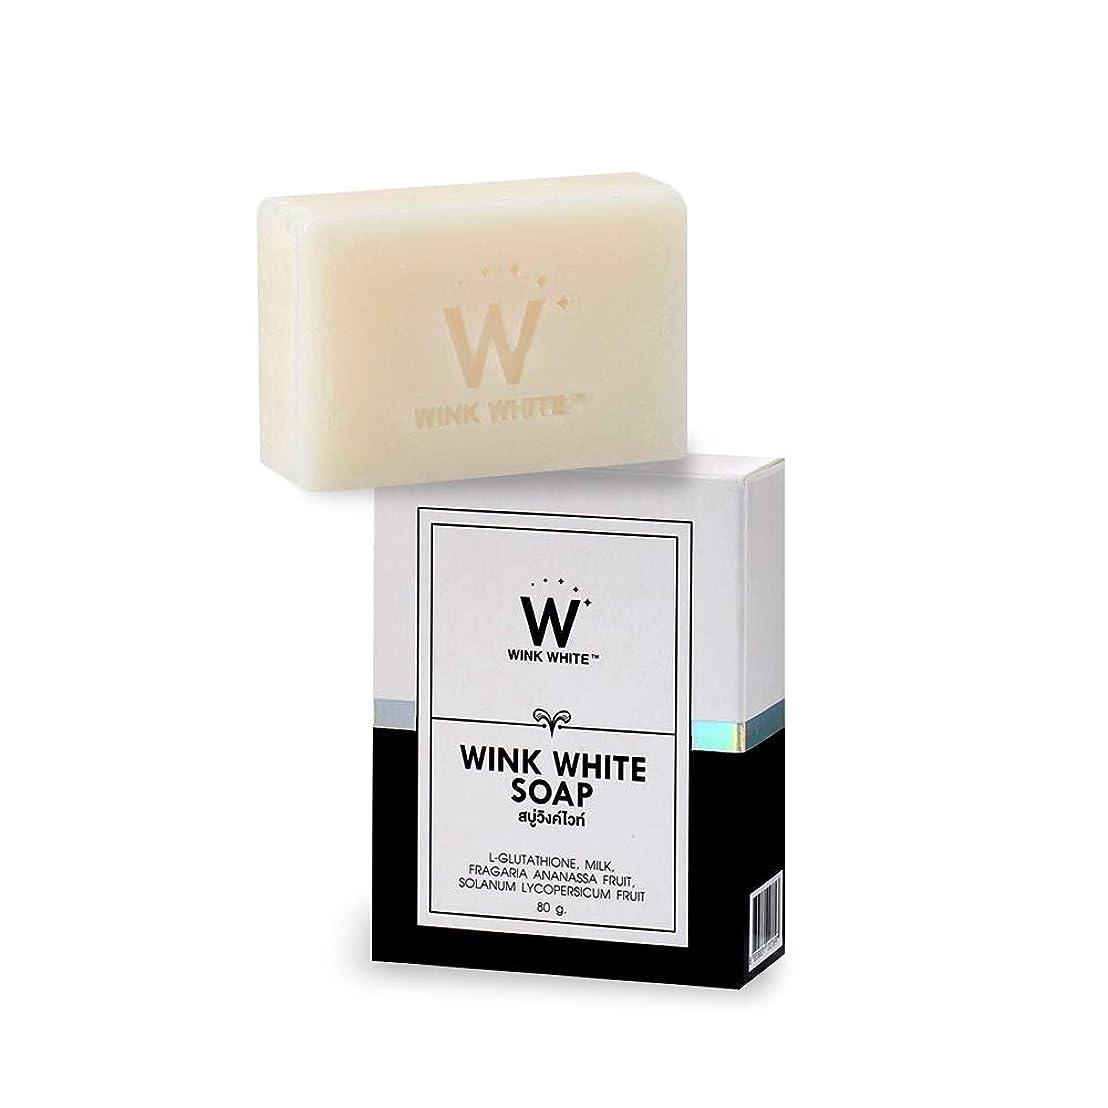 つなぐ硬化するトーナメントMangos Teen White Soap Base Wink White Soap Gluta Pure Skin Body Whitening Strawberry for Whitening Skin All Natural Milled Goats Milk 1 Bar 80g